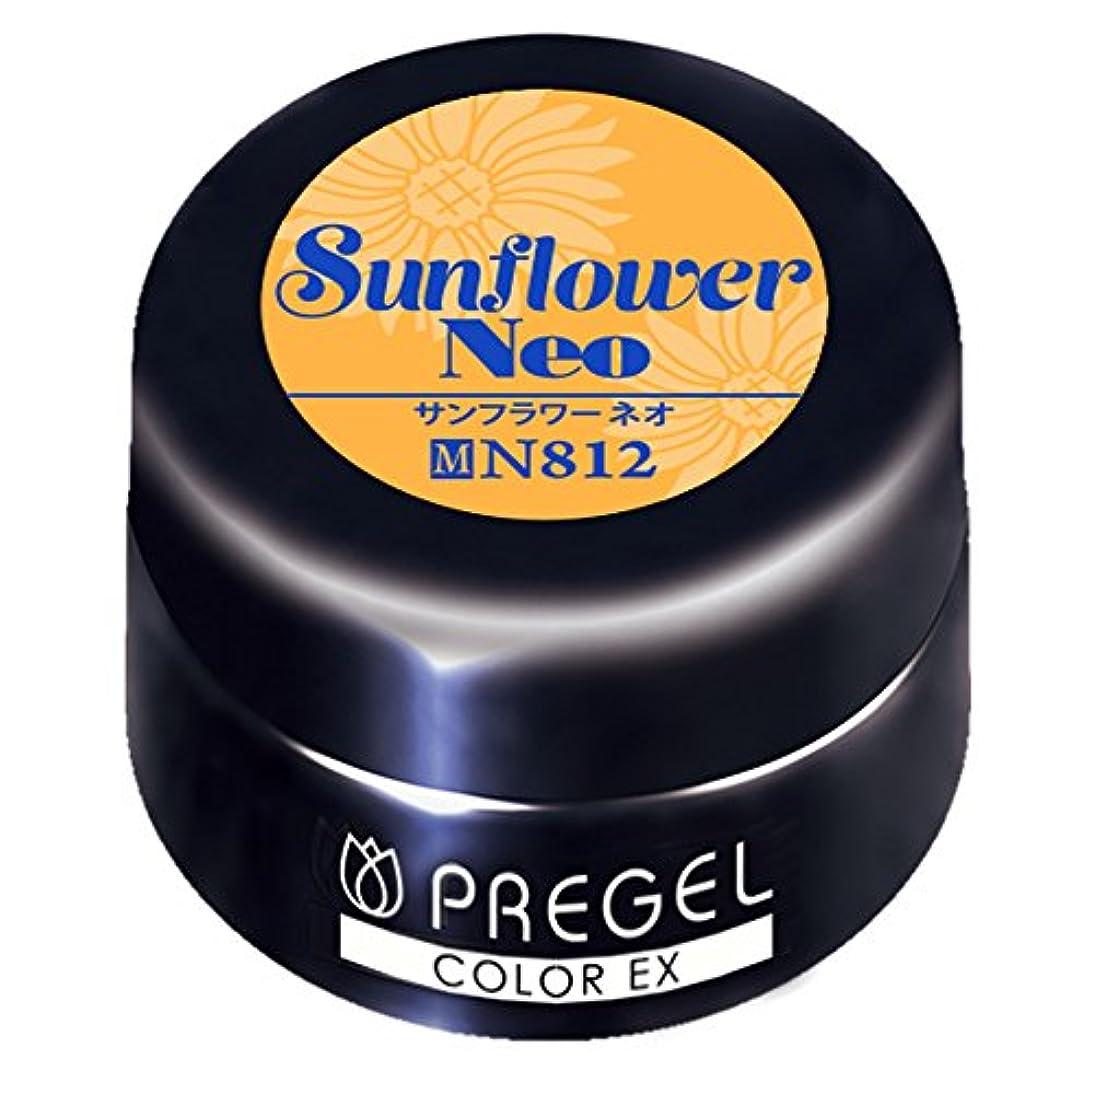 アーサーコナンドイル家禽潤滑するPRE GEL カラーEX サンフラワーneo812 3g UV/LED対応